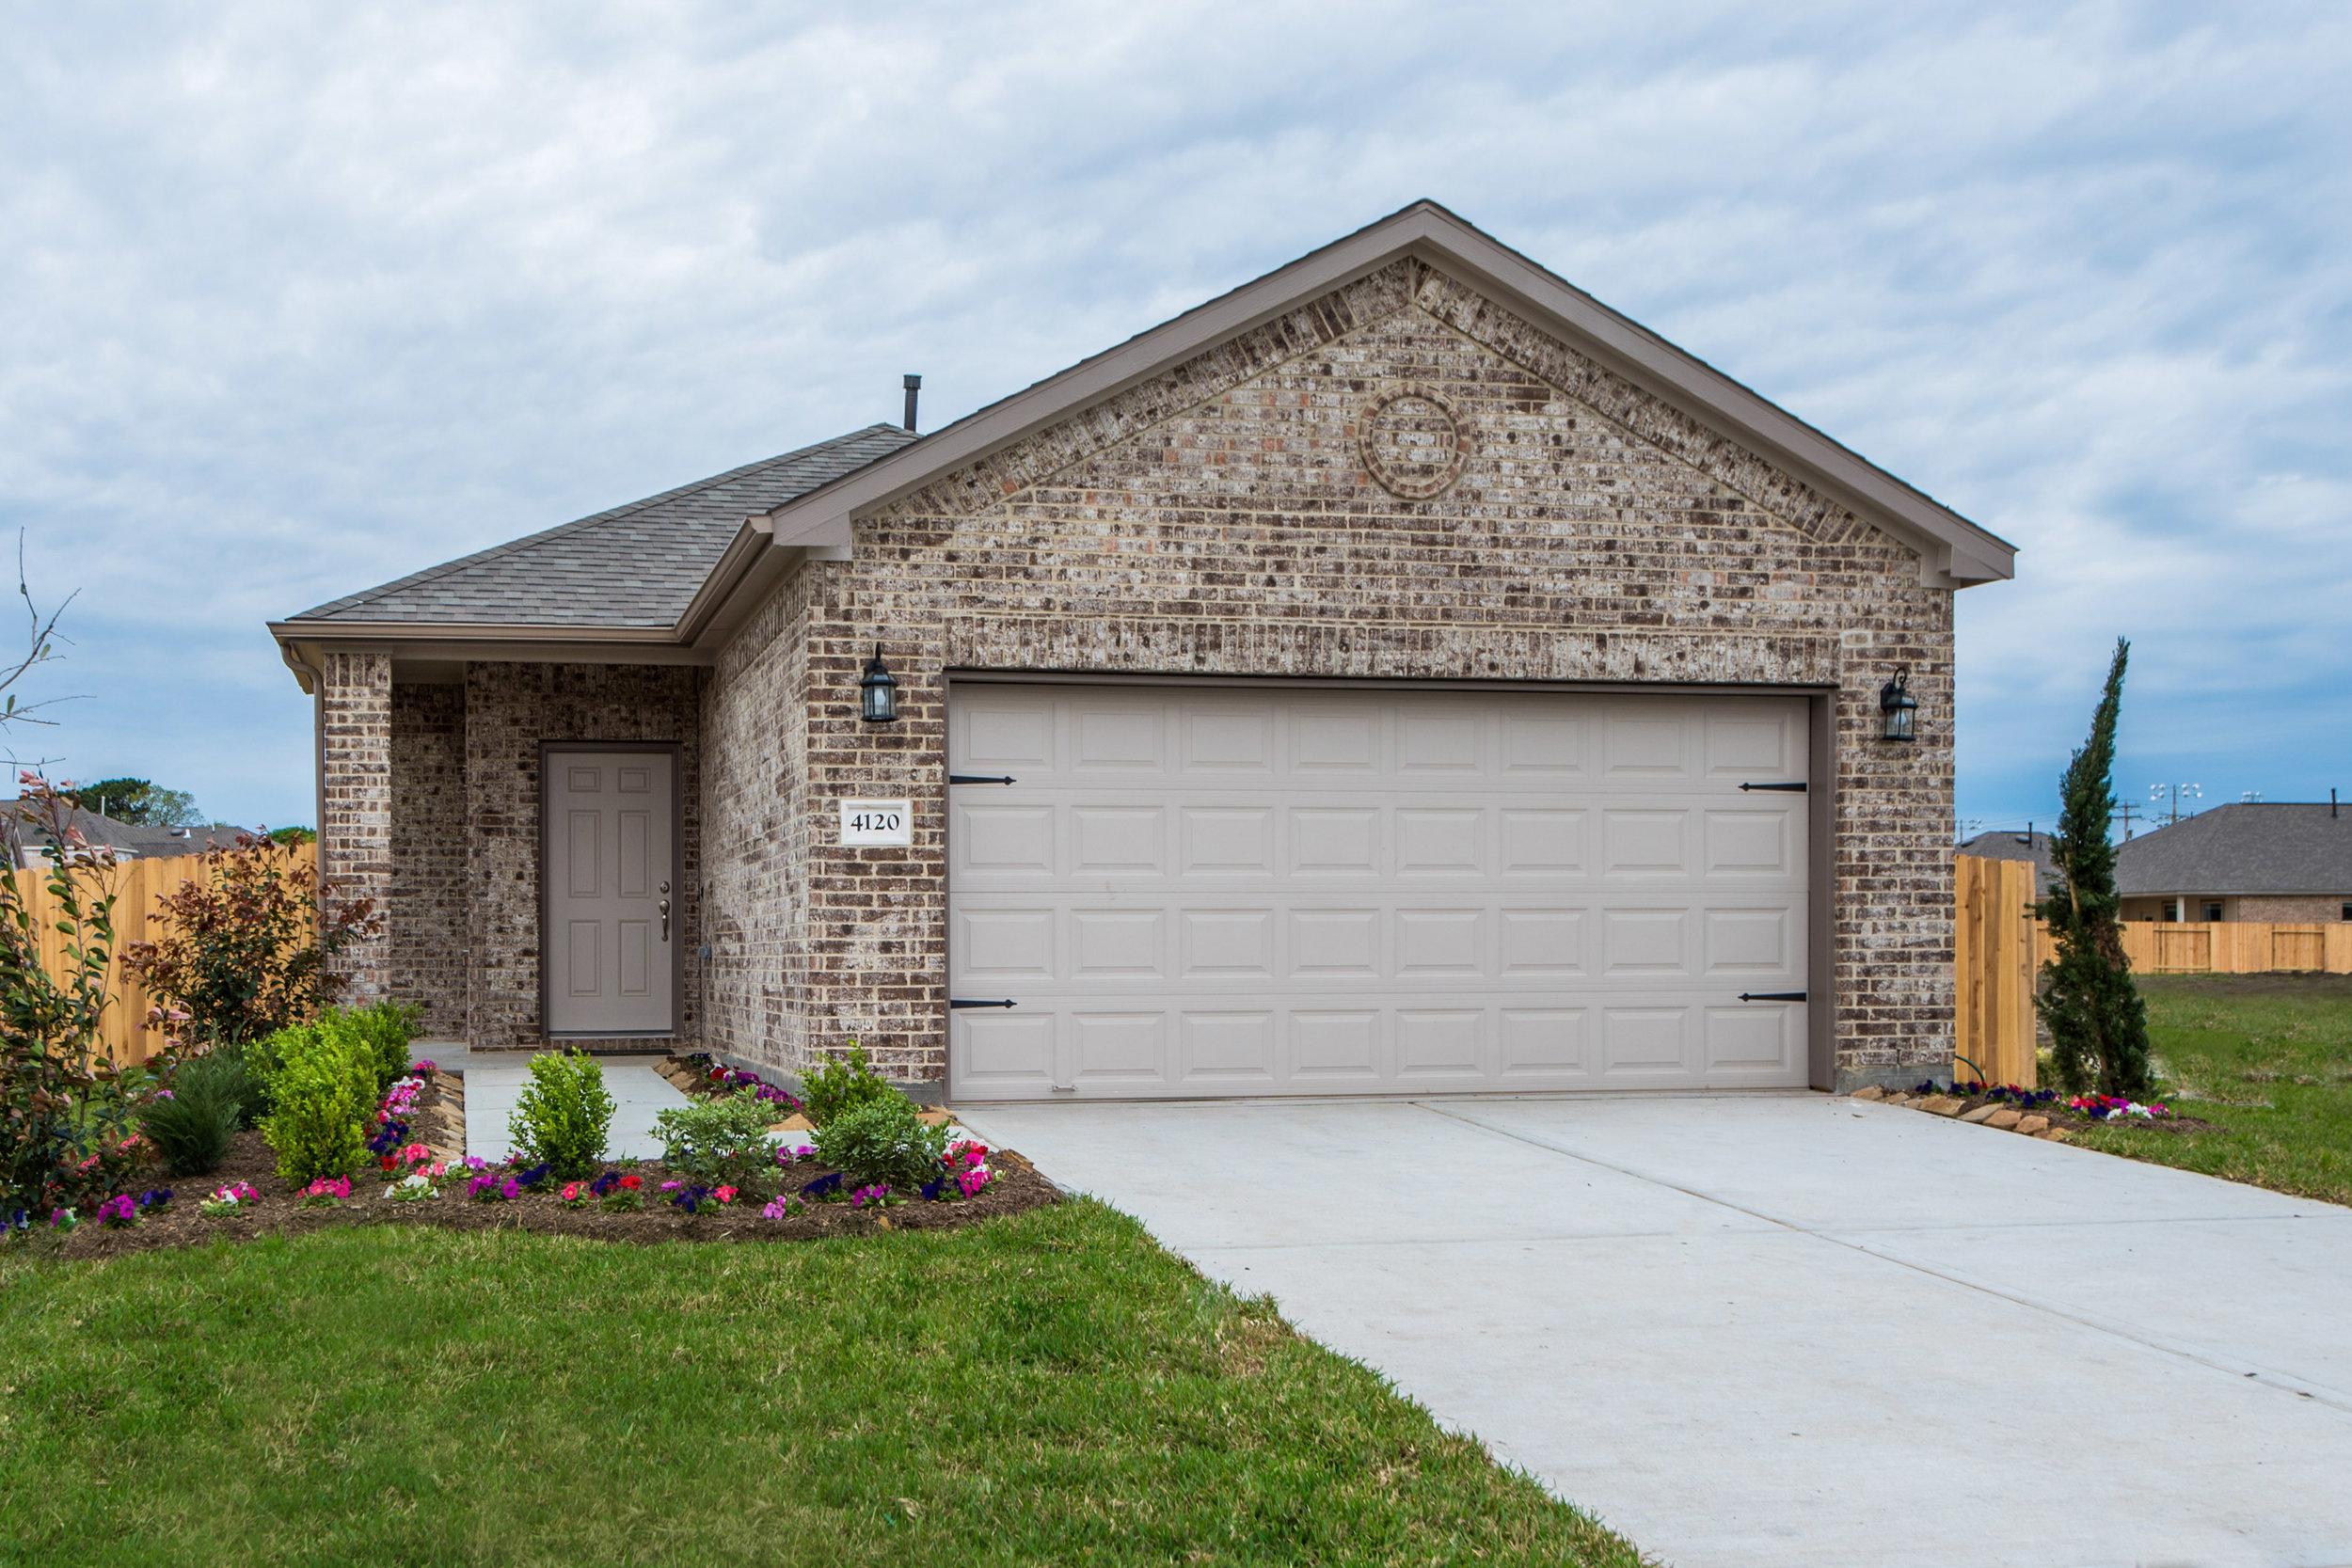 Bayou Maison - 4120 East Bayou Maison CirDickinson, TX, 77539